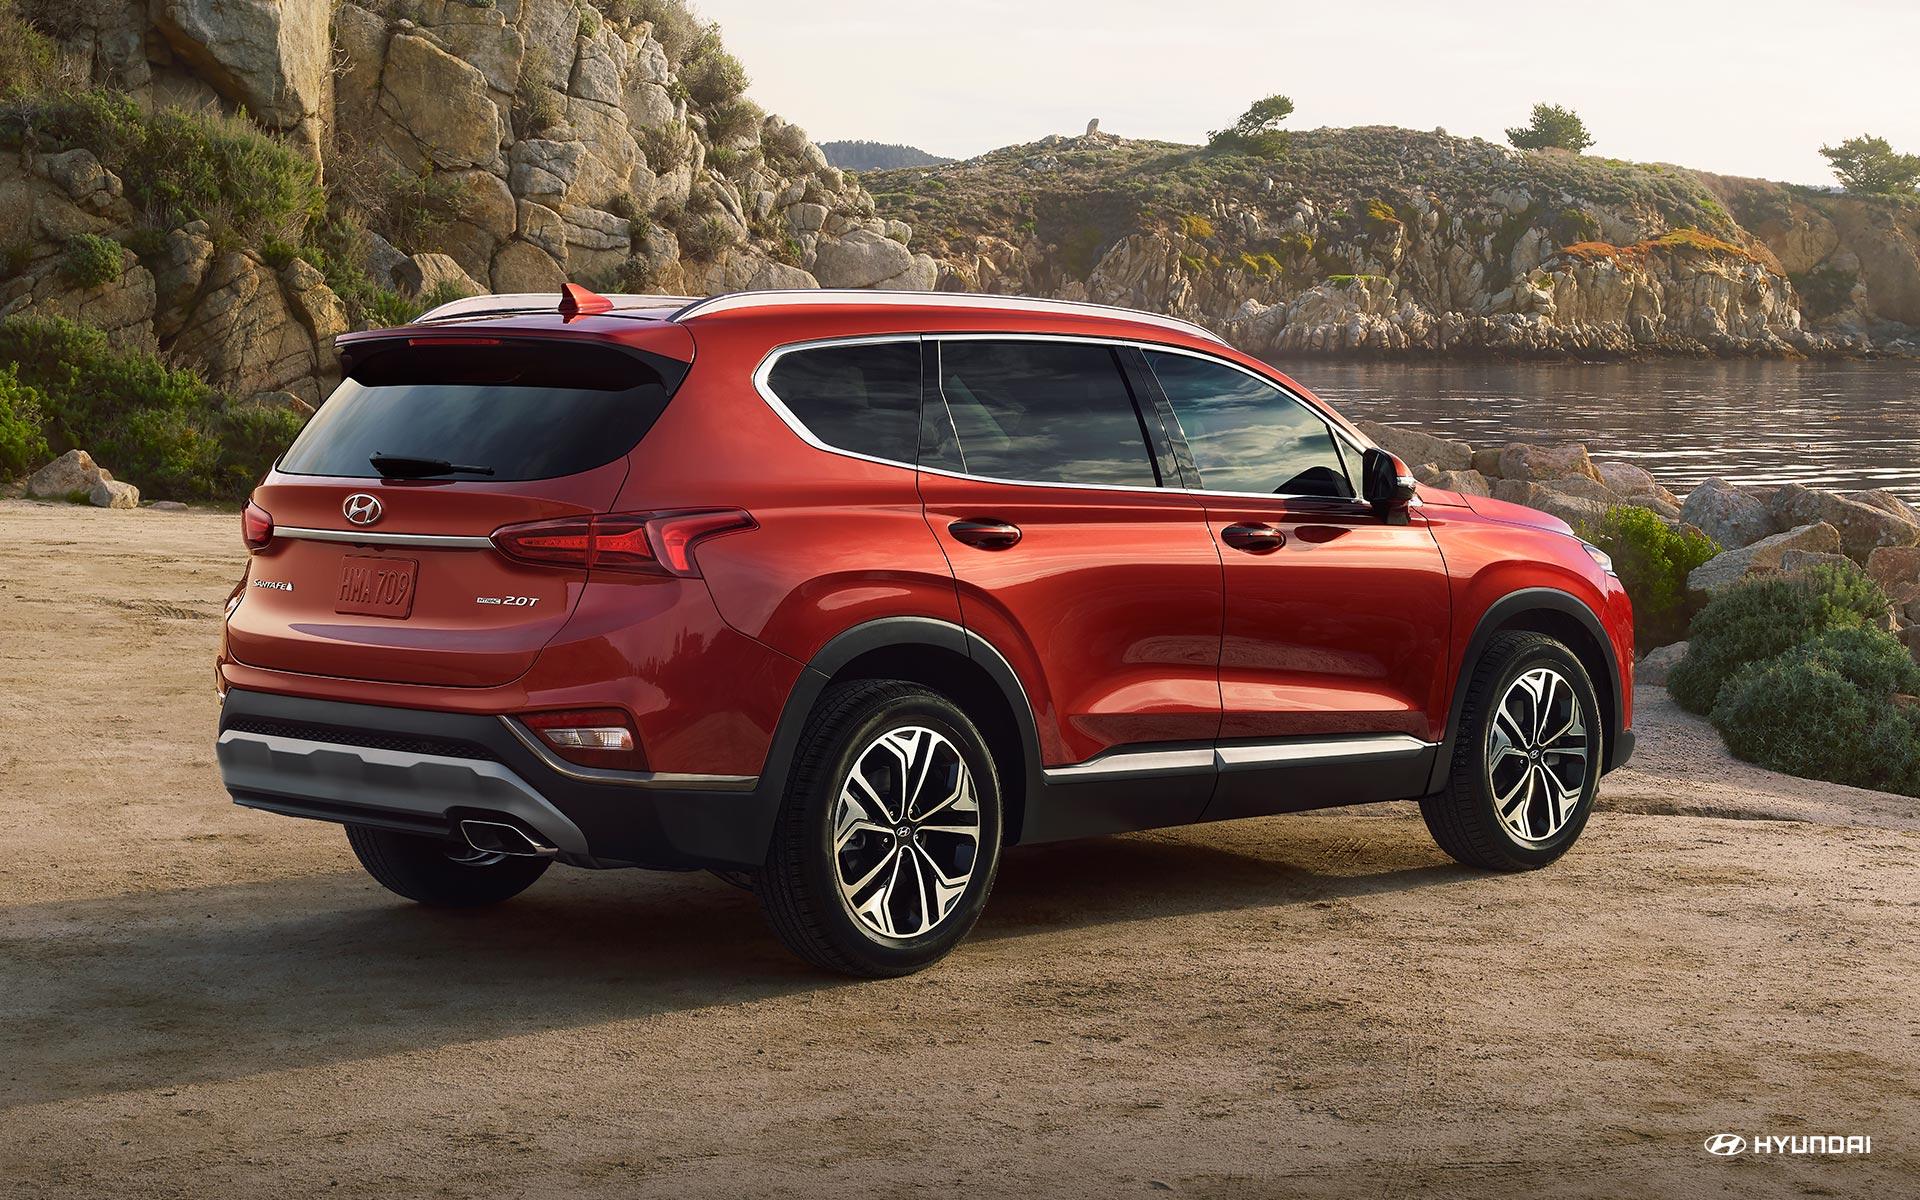 El Hyundai Santa Fe 2019 tiene un aspecto exterior impresionante